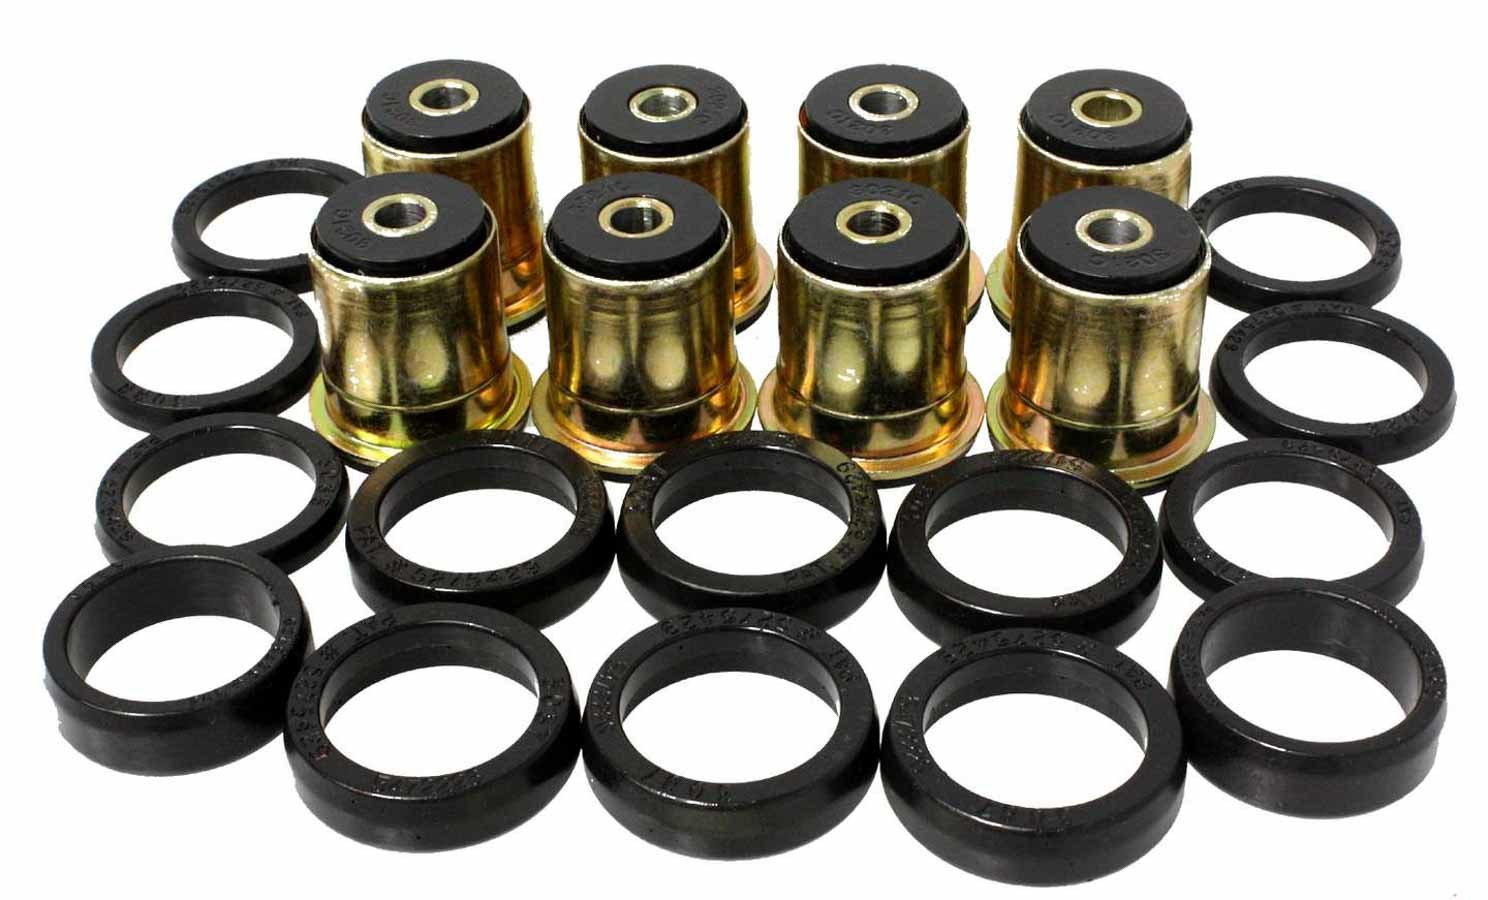 Prothane 7-312-BL Black Rear Control Arm Bushing Kit